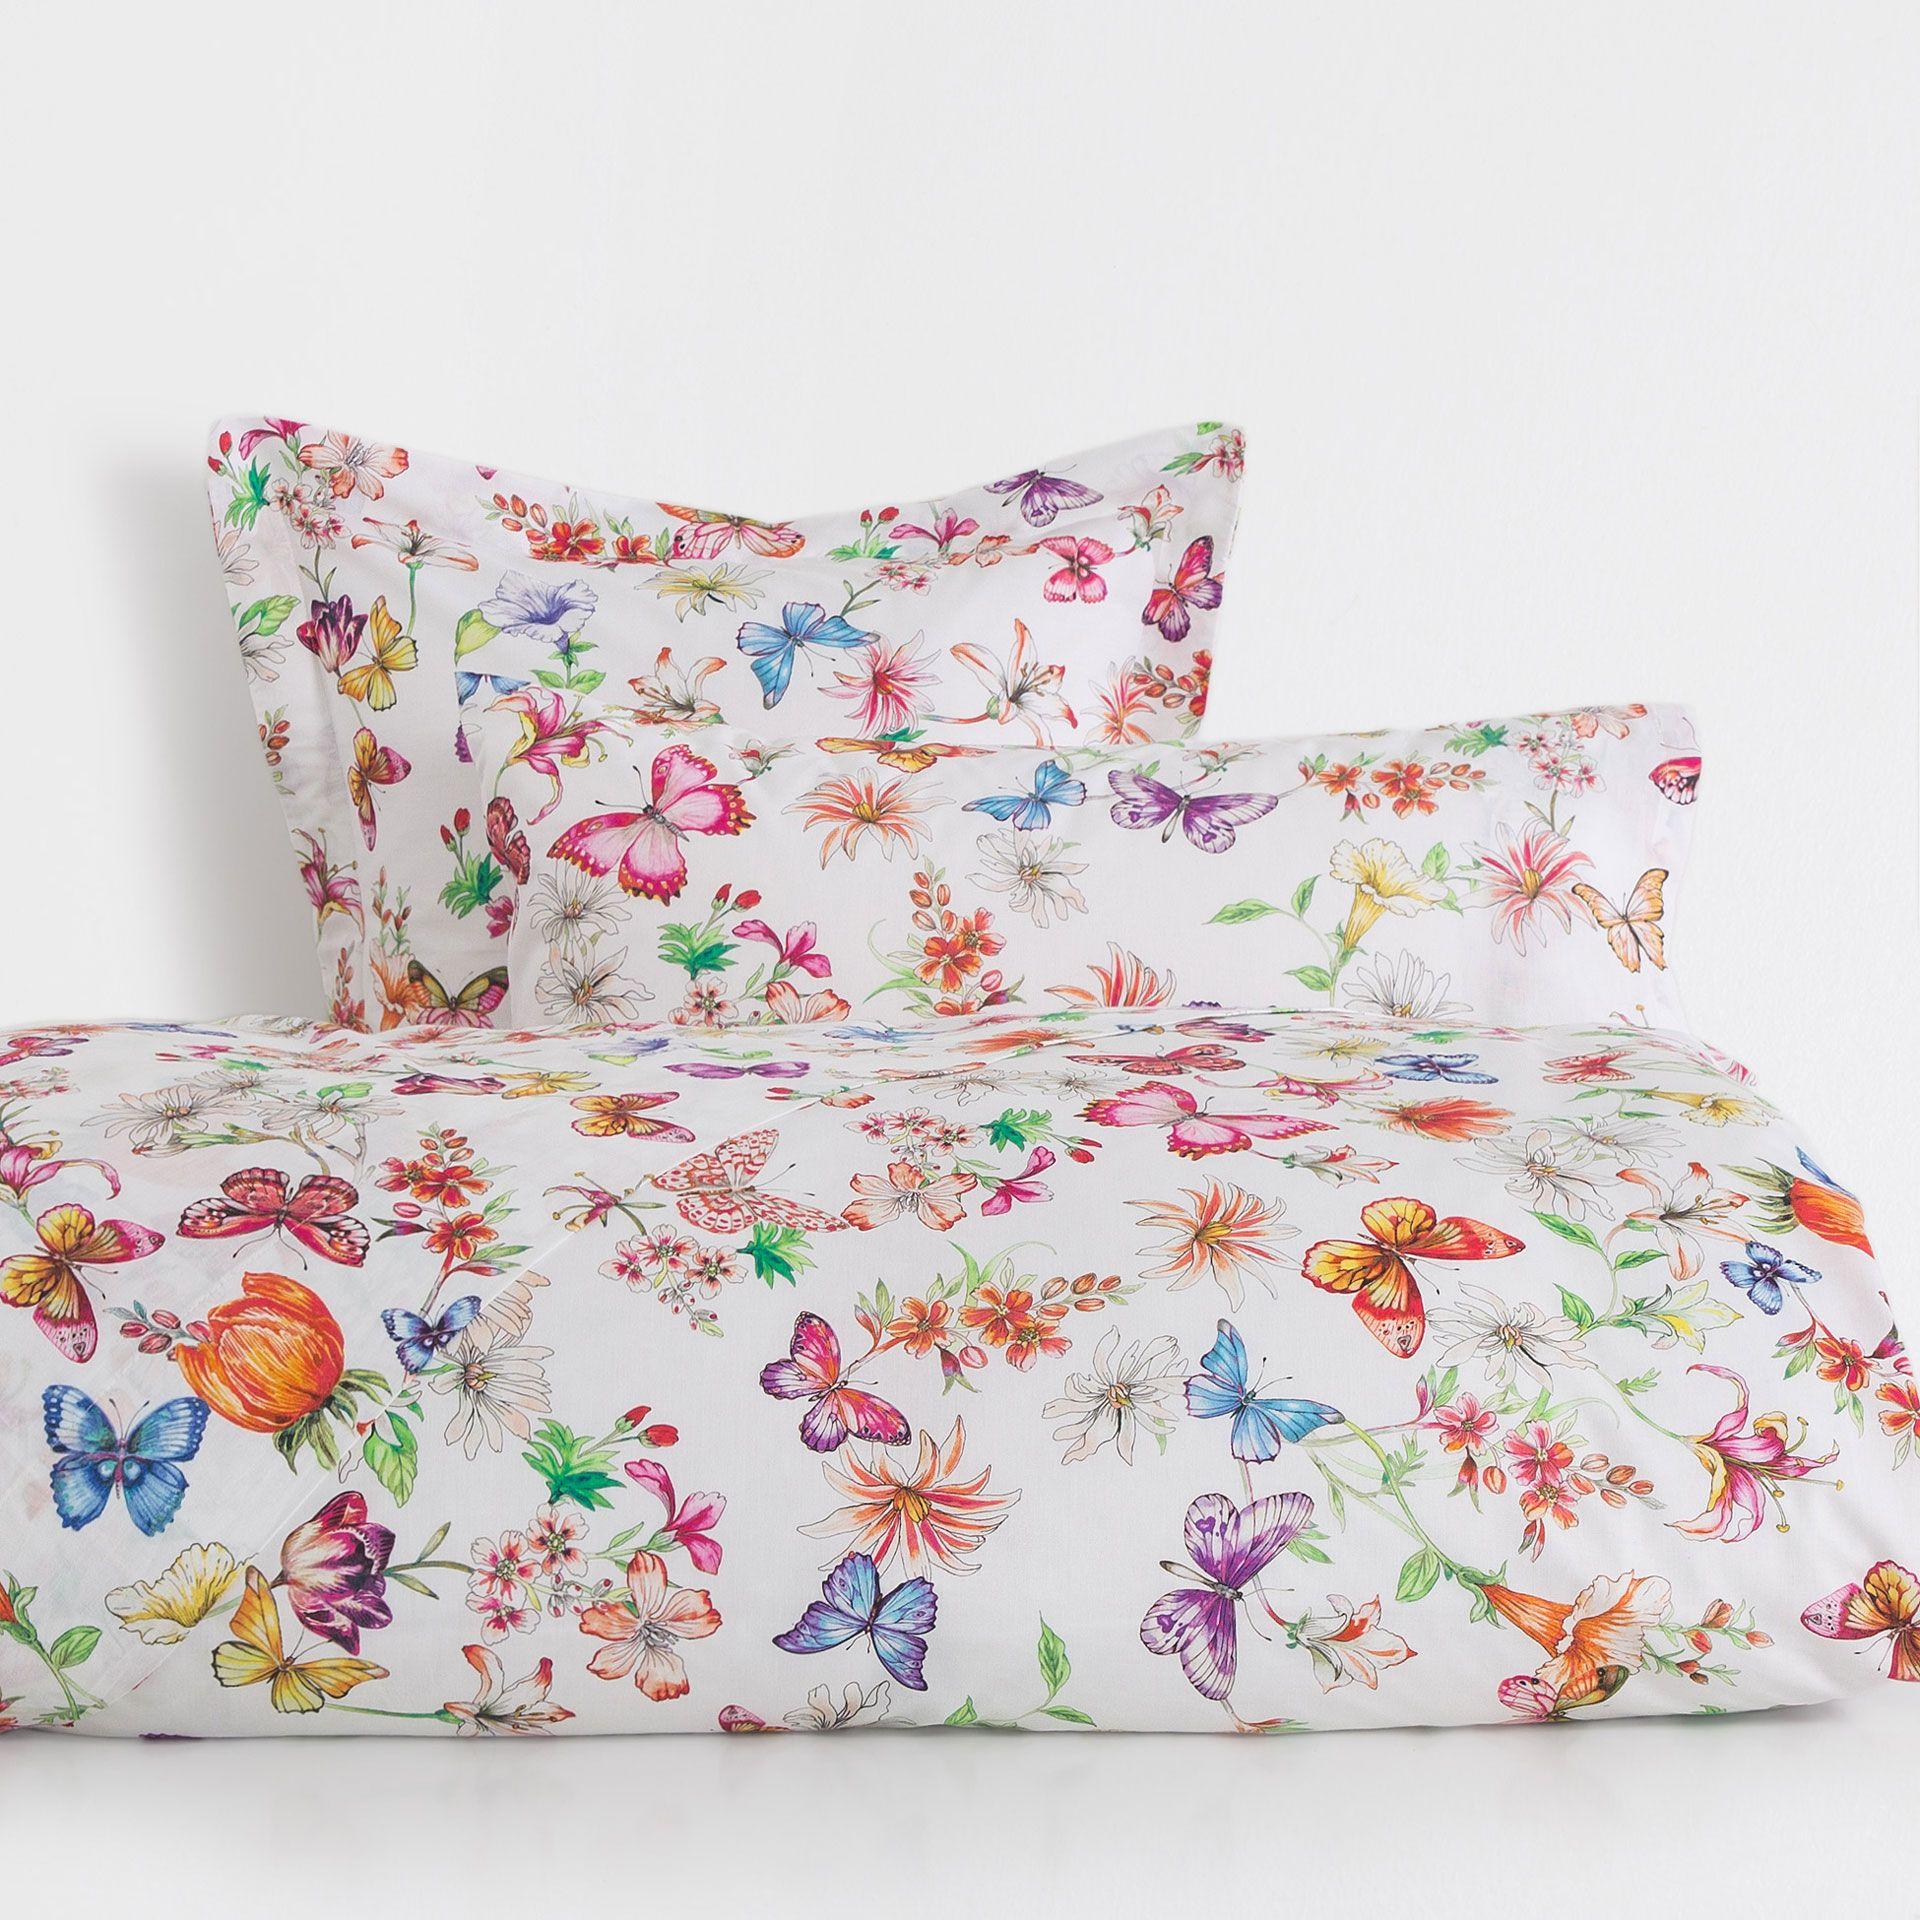 Roupa de cama estampado minidesenhos zara home portugal zara pinterest portugal zara - Zara home portugal ...